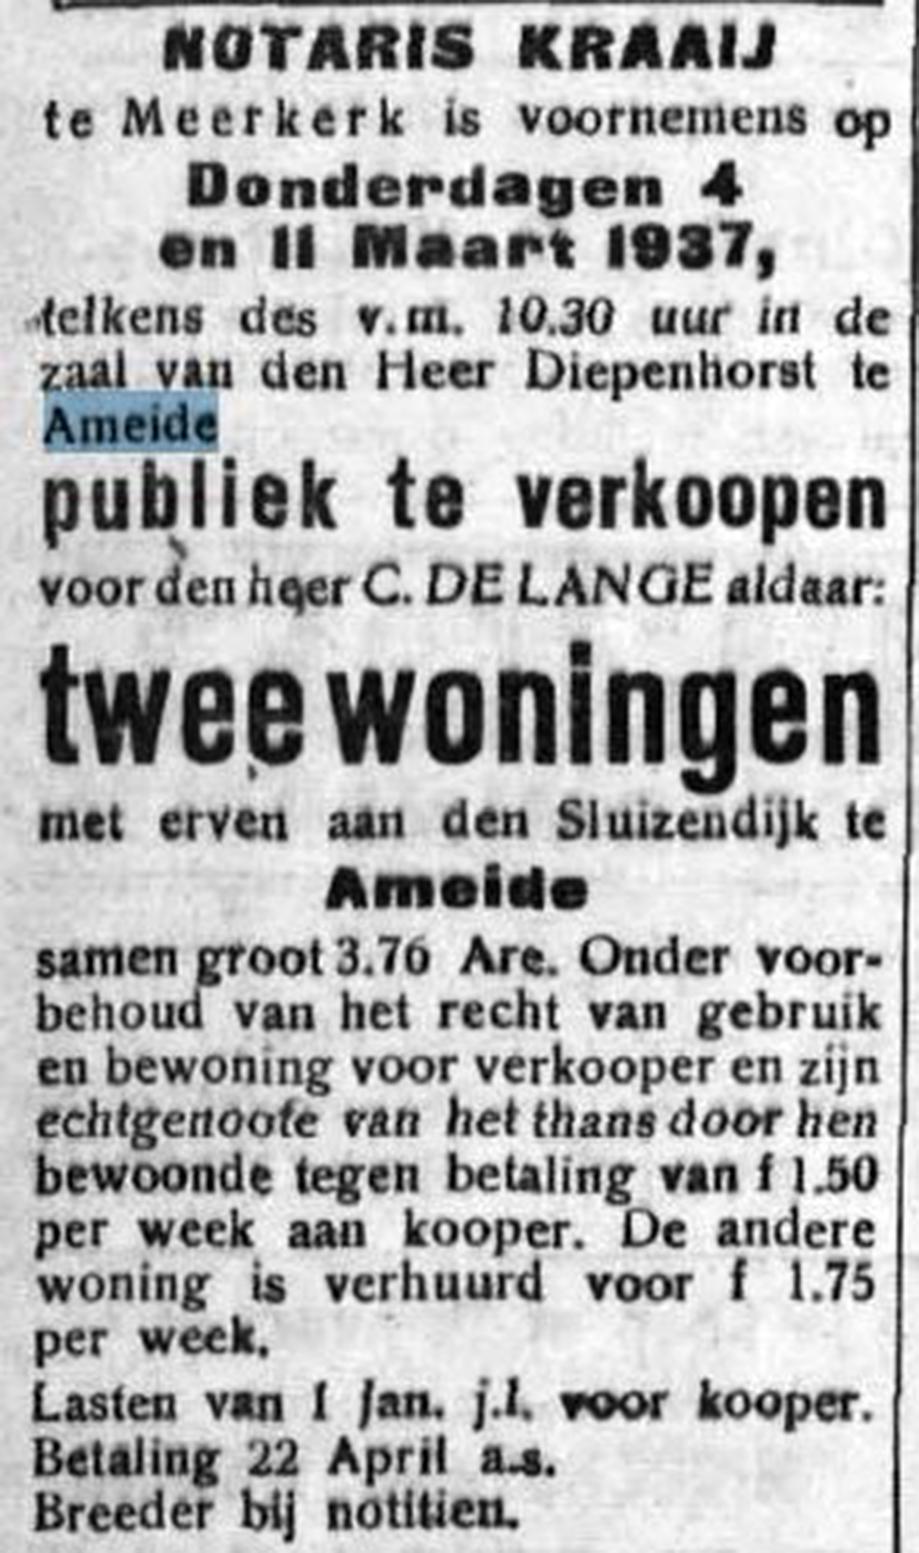 Schoonhovensche Courant 07777 1937-02-26 artikel 01